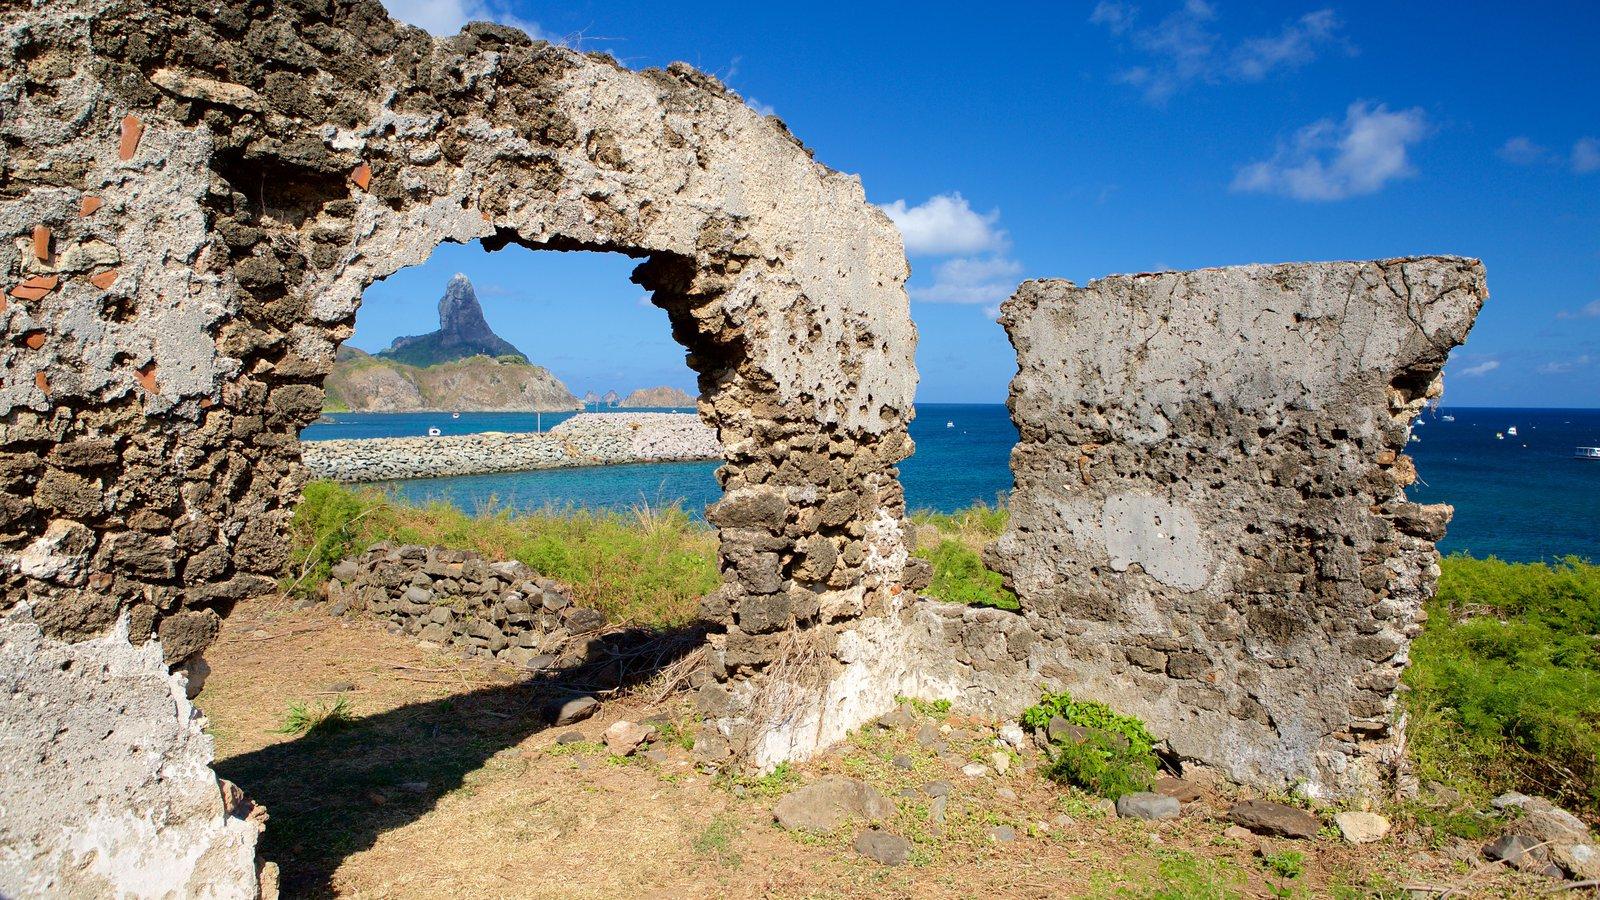 Ruínas do Forte de Santo Antônio que inclui paisagens litorâneas, montanhas e imagens da ilha